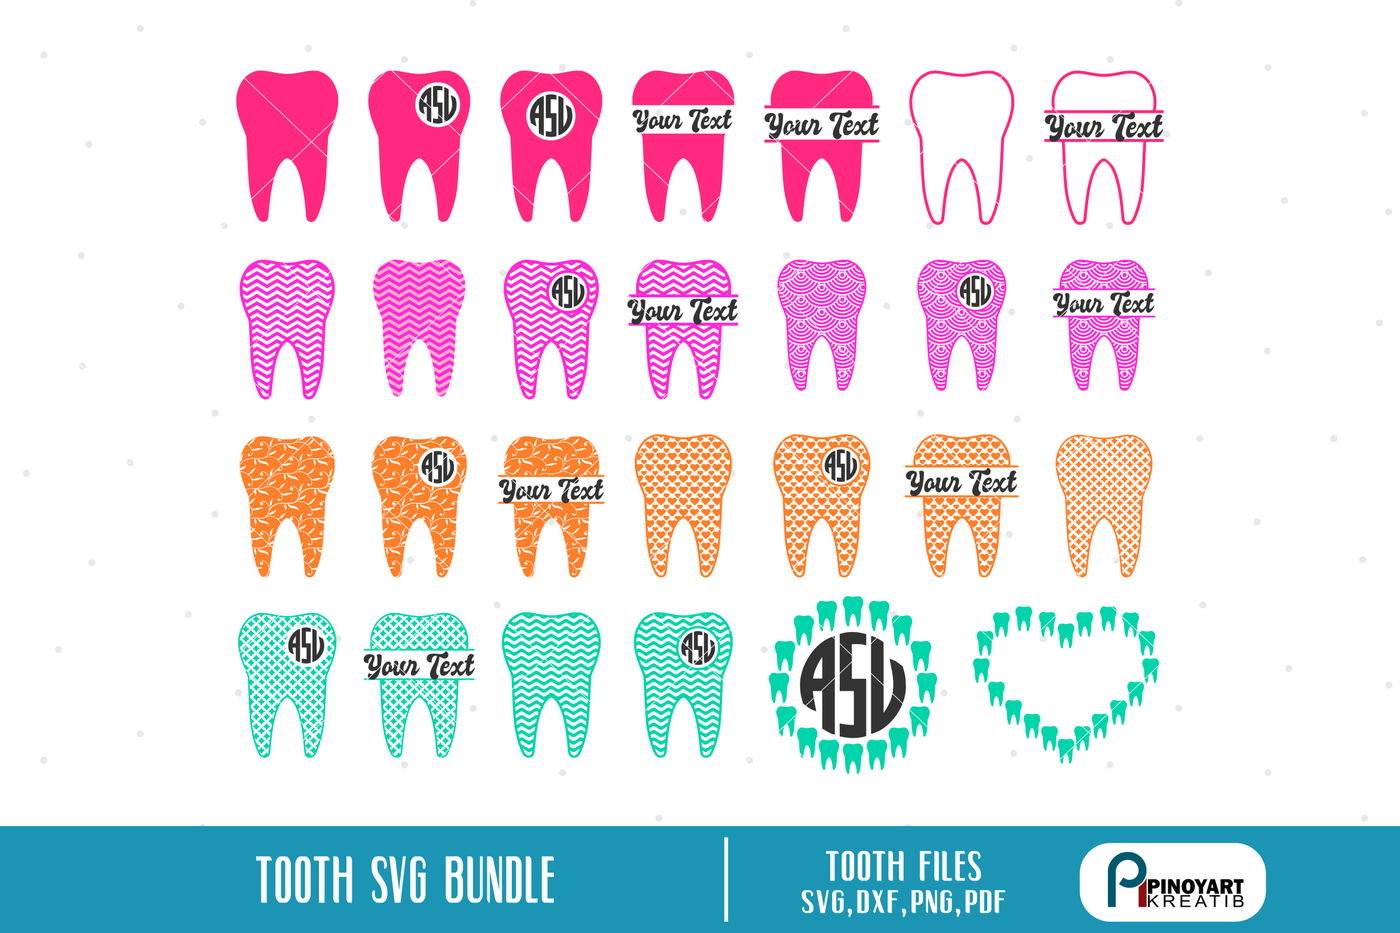 Teeth Svg Dentist Svg Teeth Svg Teeth Svg File Dentist Svg File